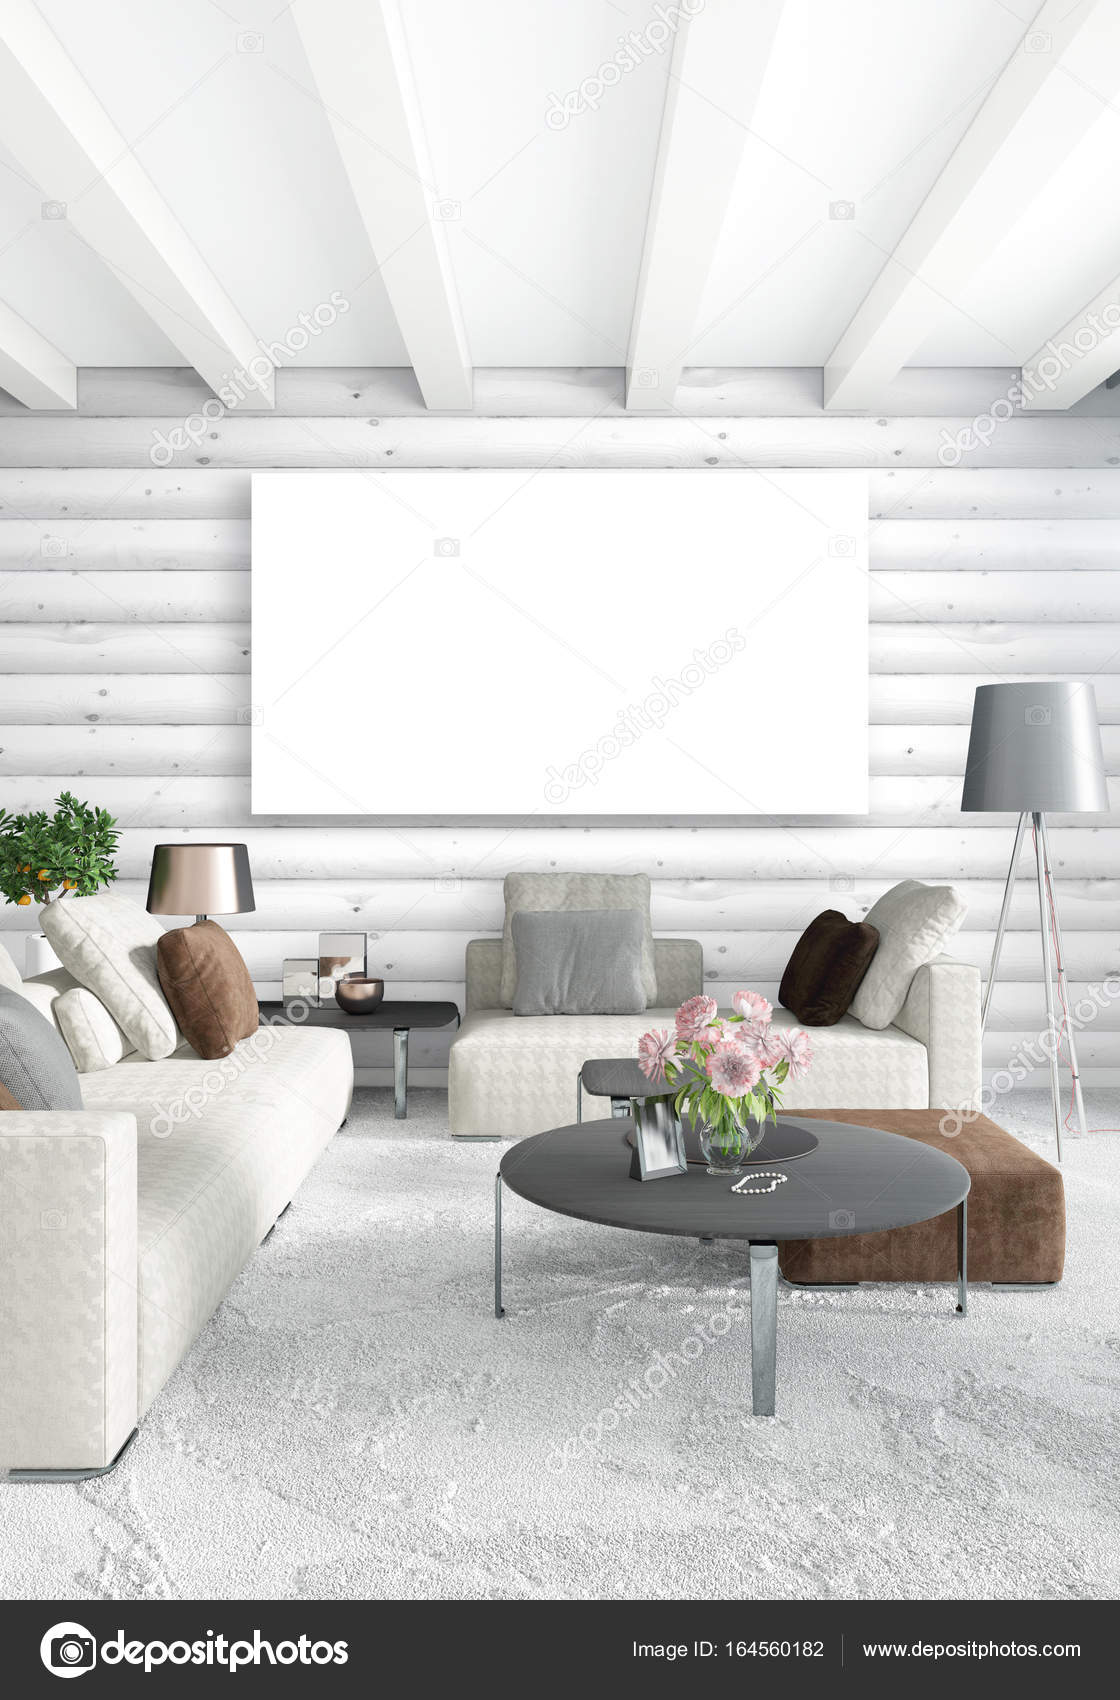 Weiße Schlafzimmer minimal Raumgestaltung mit Holz Wand und Exemplar ...